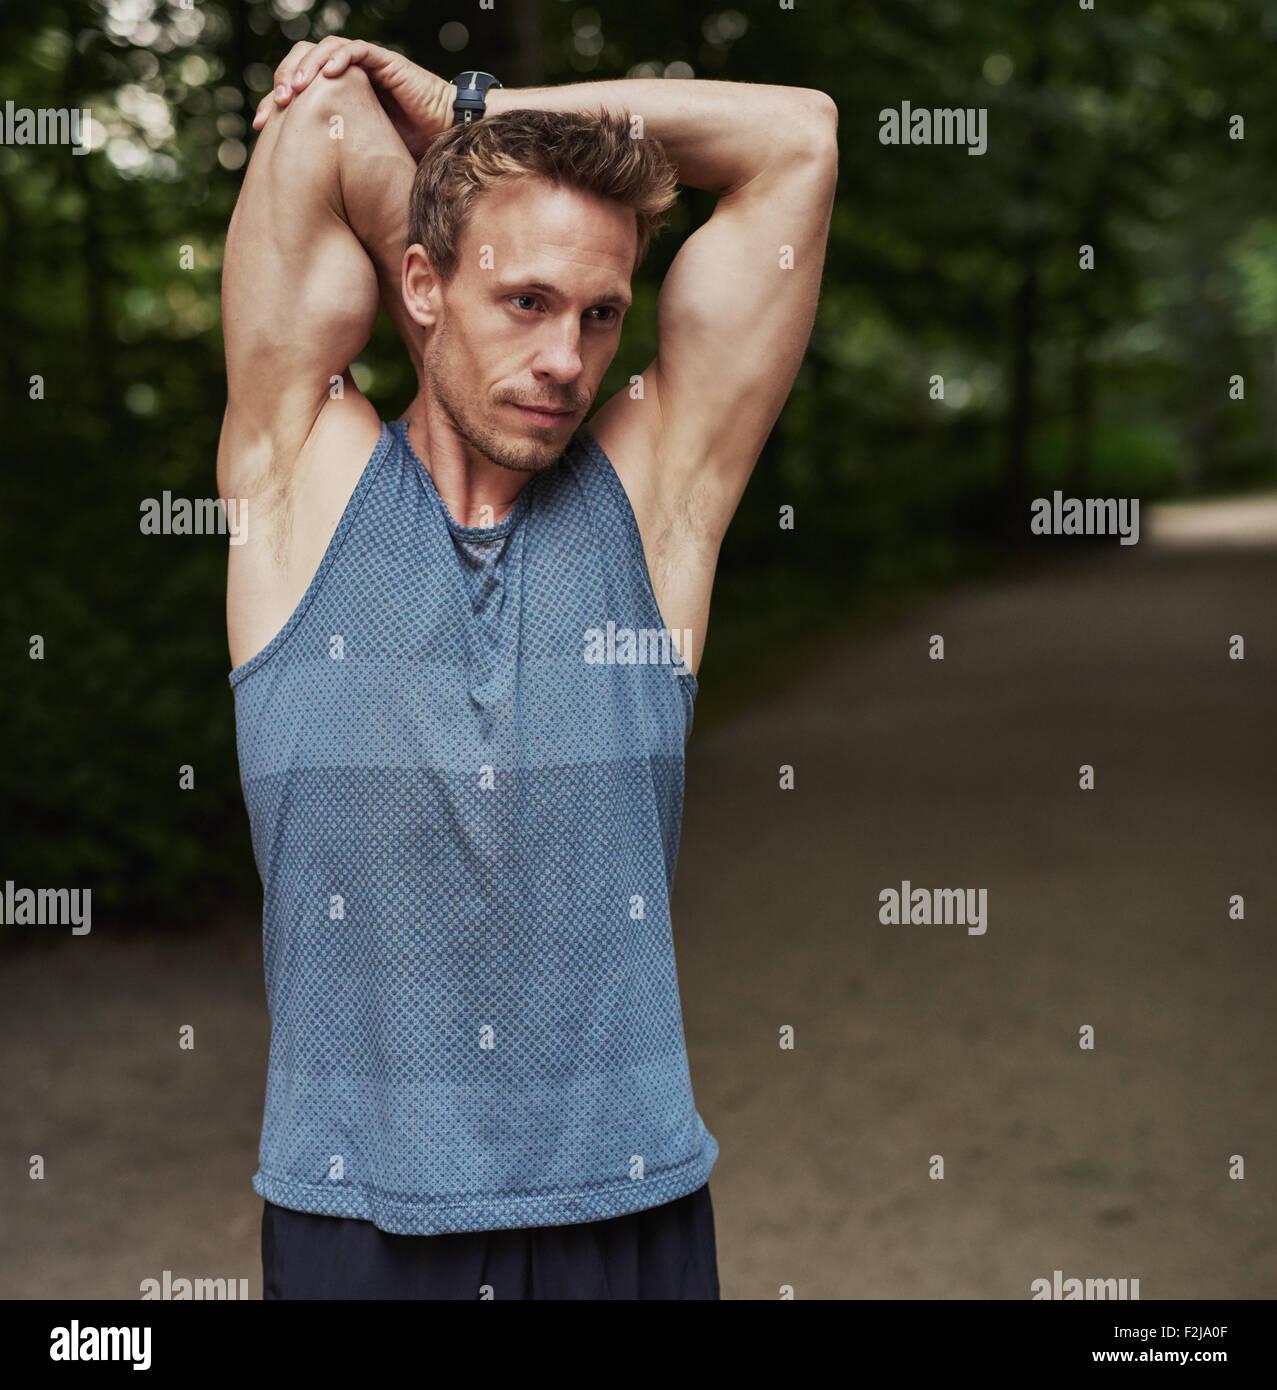 Mezzo Corpo colpo di un bel uomo atletico Stretching le braccia dietro la testa al parco. Immagini Stock